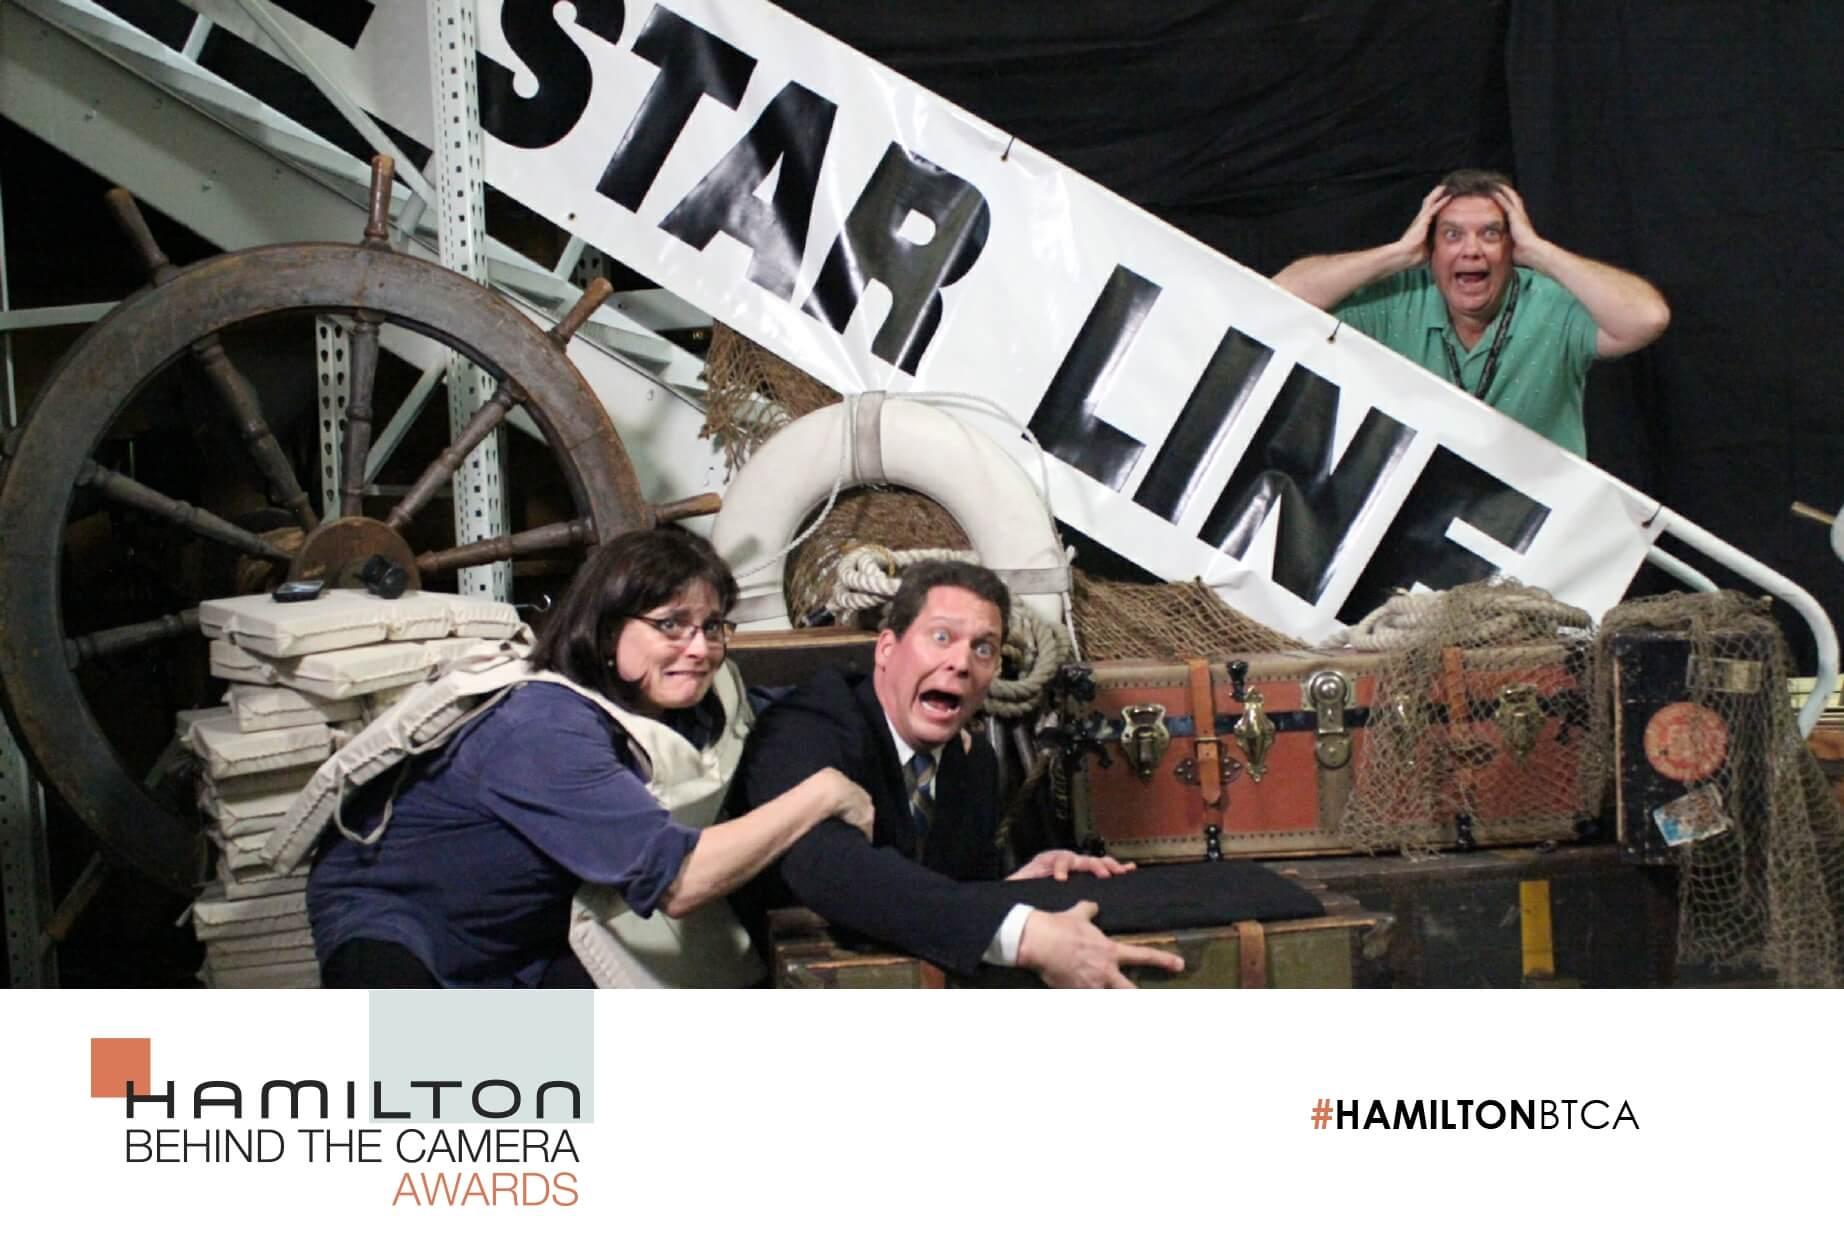 Hamilton BTCA Social Photo Booth